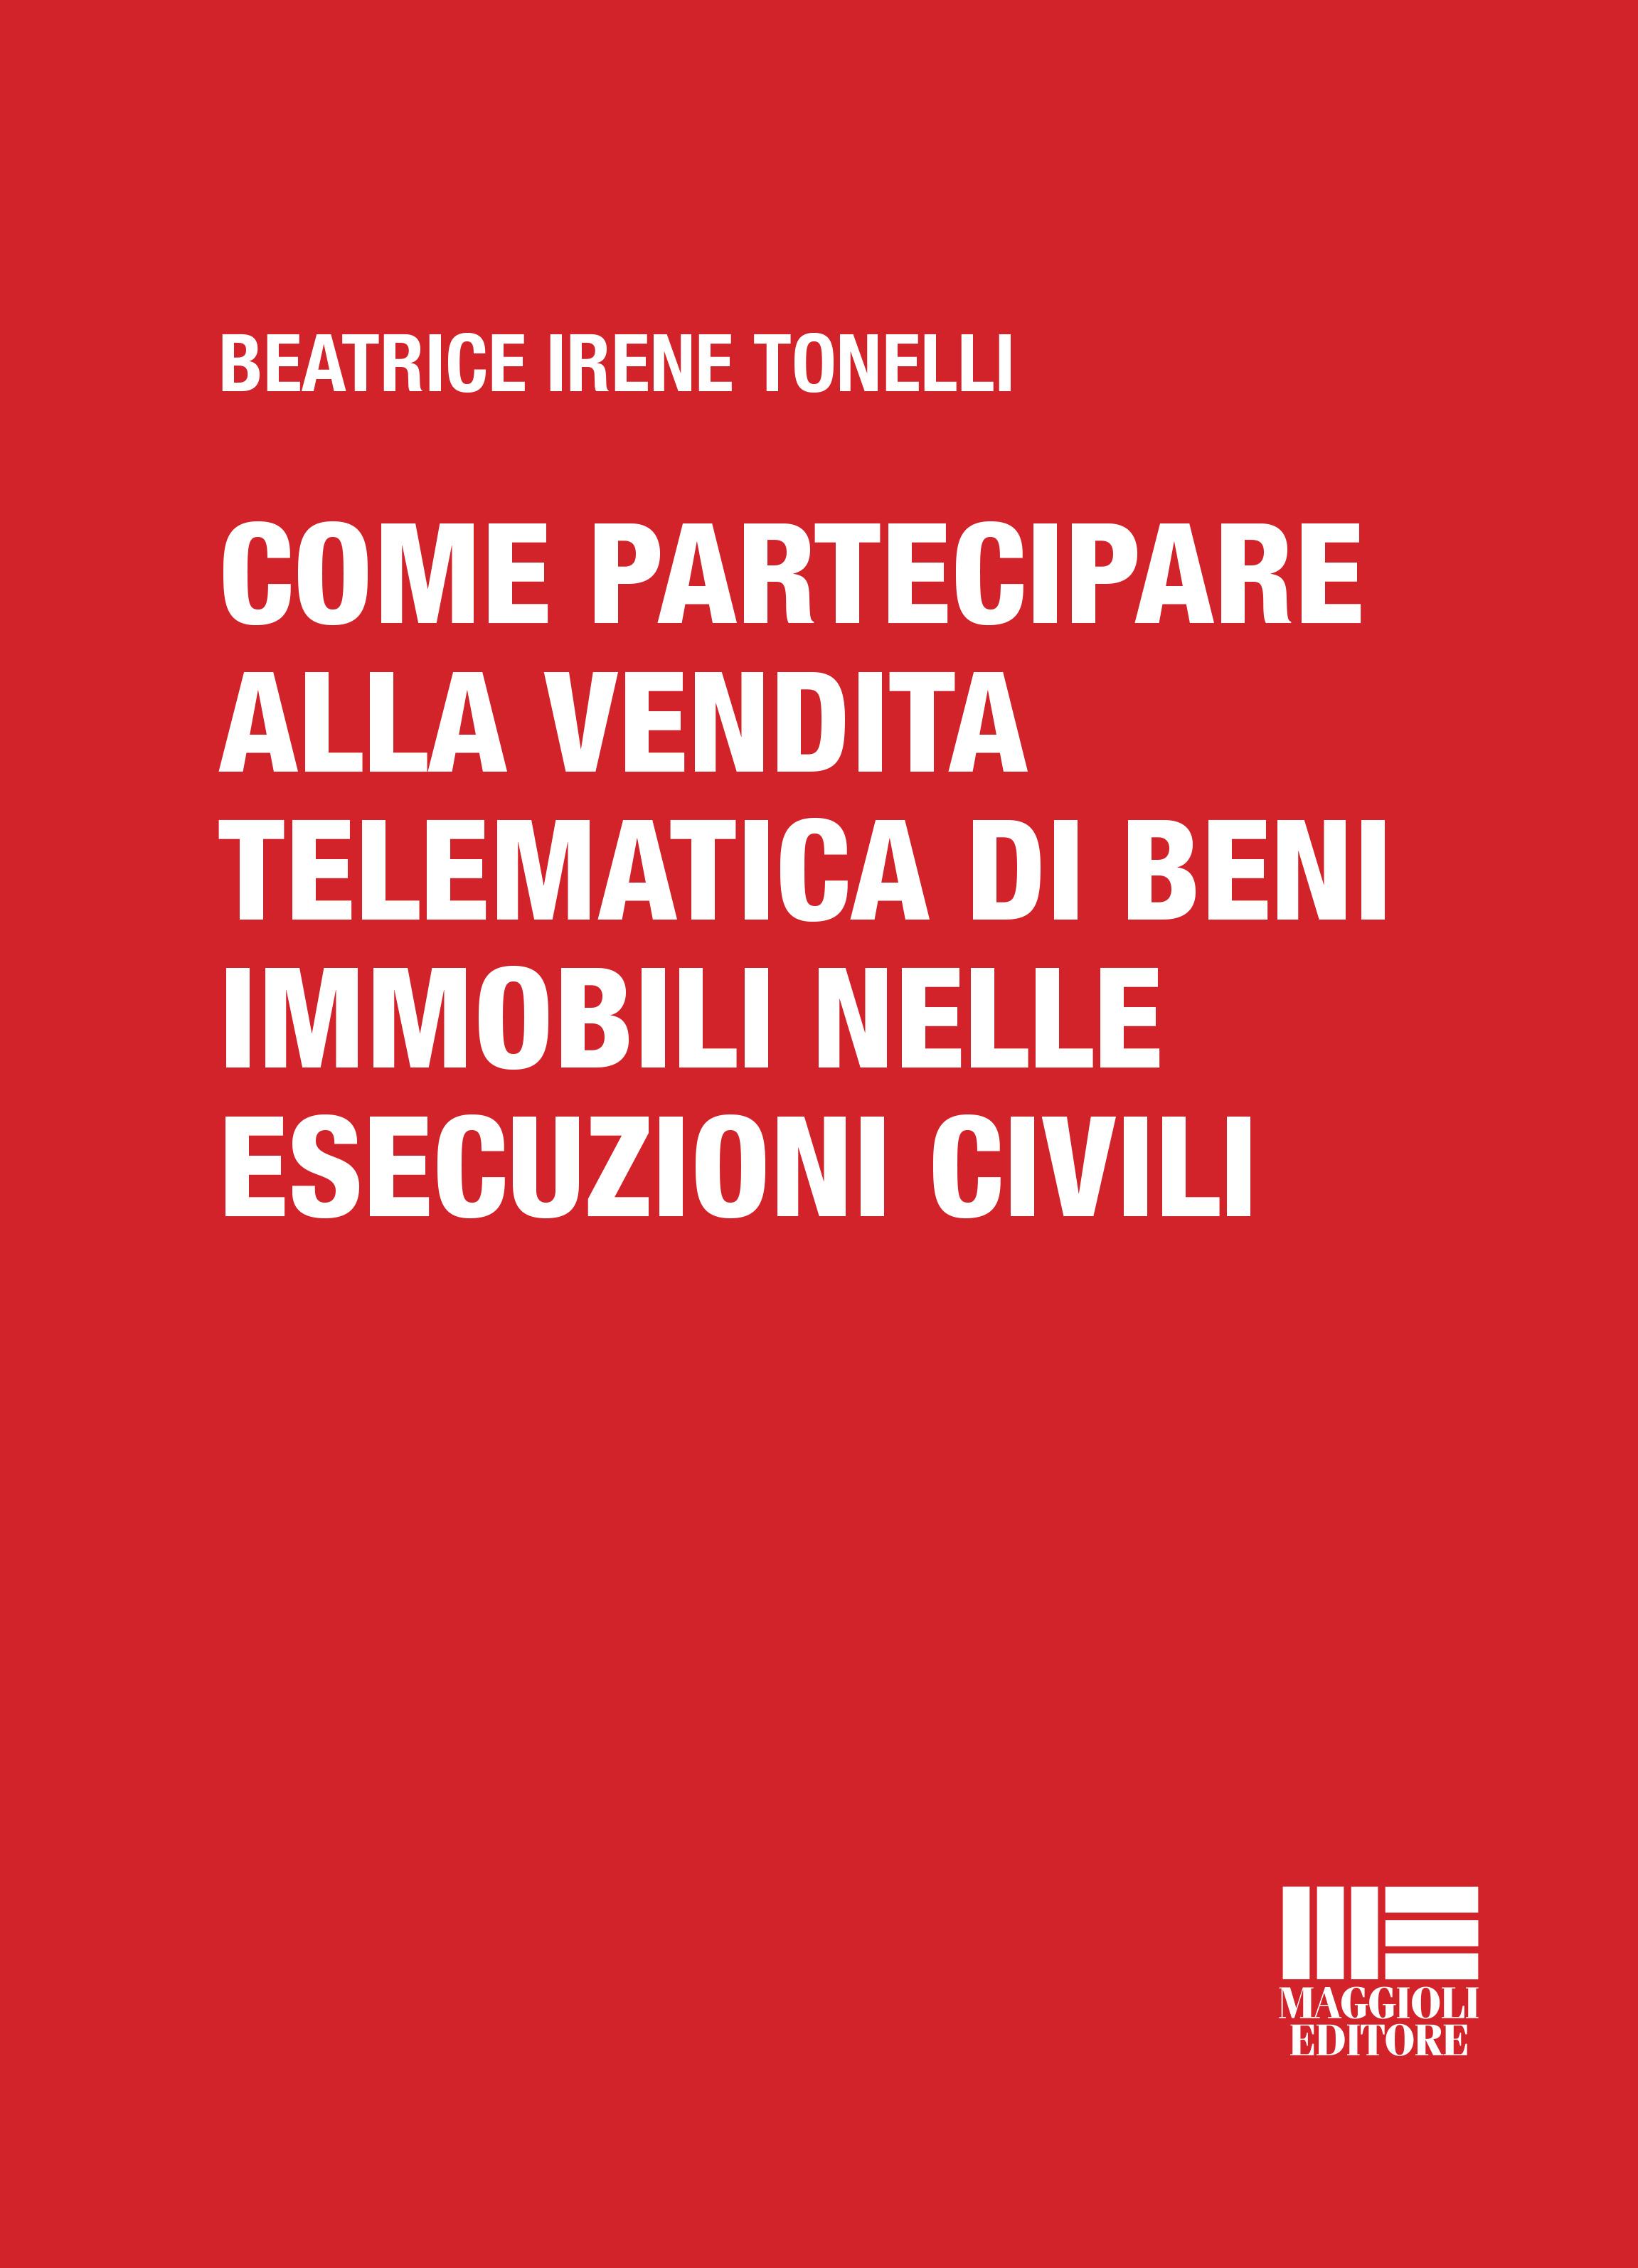 Come partecipare alla vendita telematica di beni immobili nelle esecuzioni civili - e-Book in pdf